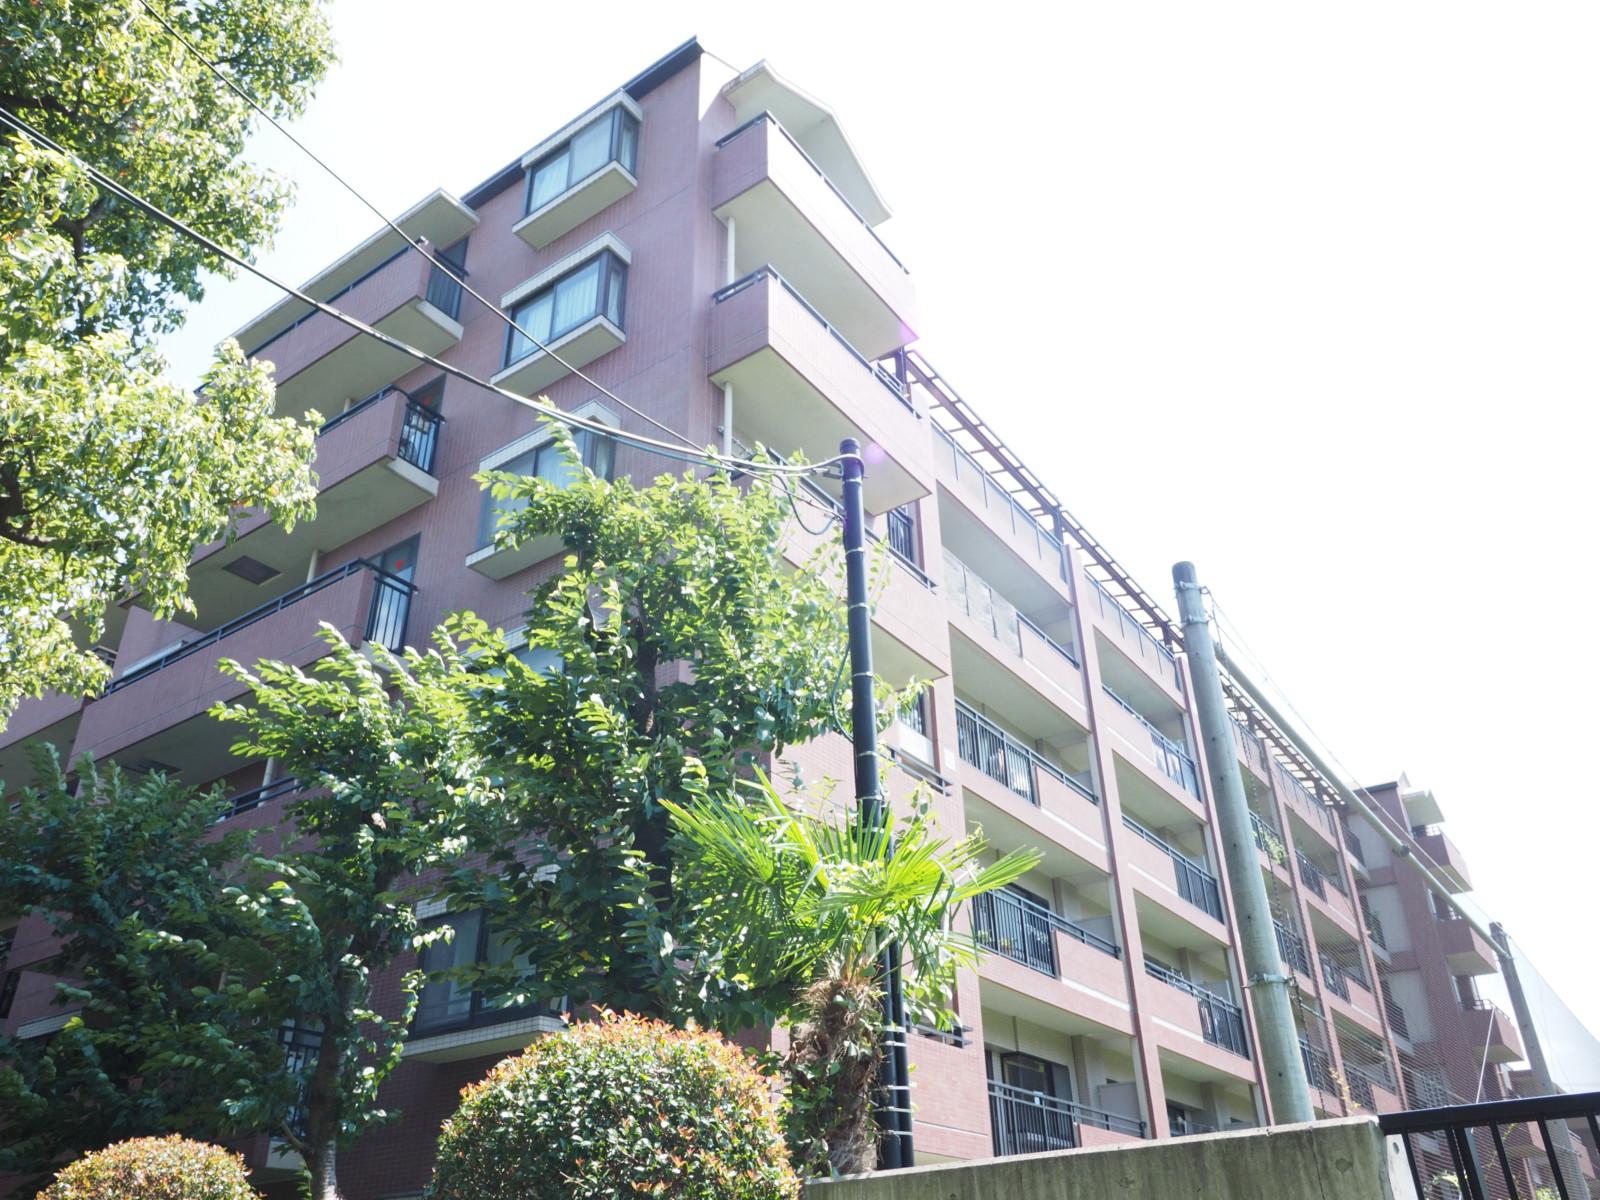 深大寺のおひざ元 ガーデンハイツ調布・富士見町 4,280万円 イメージ